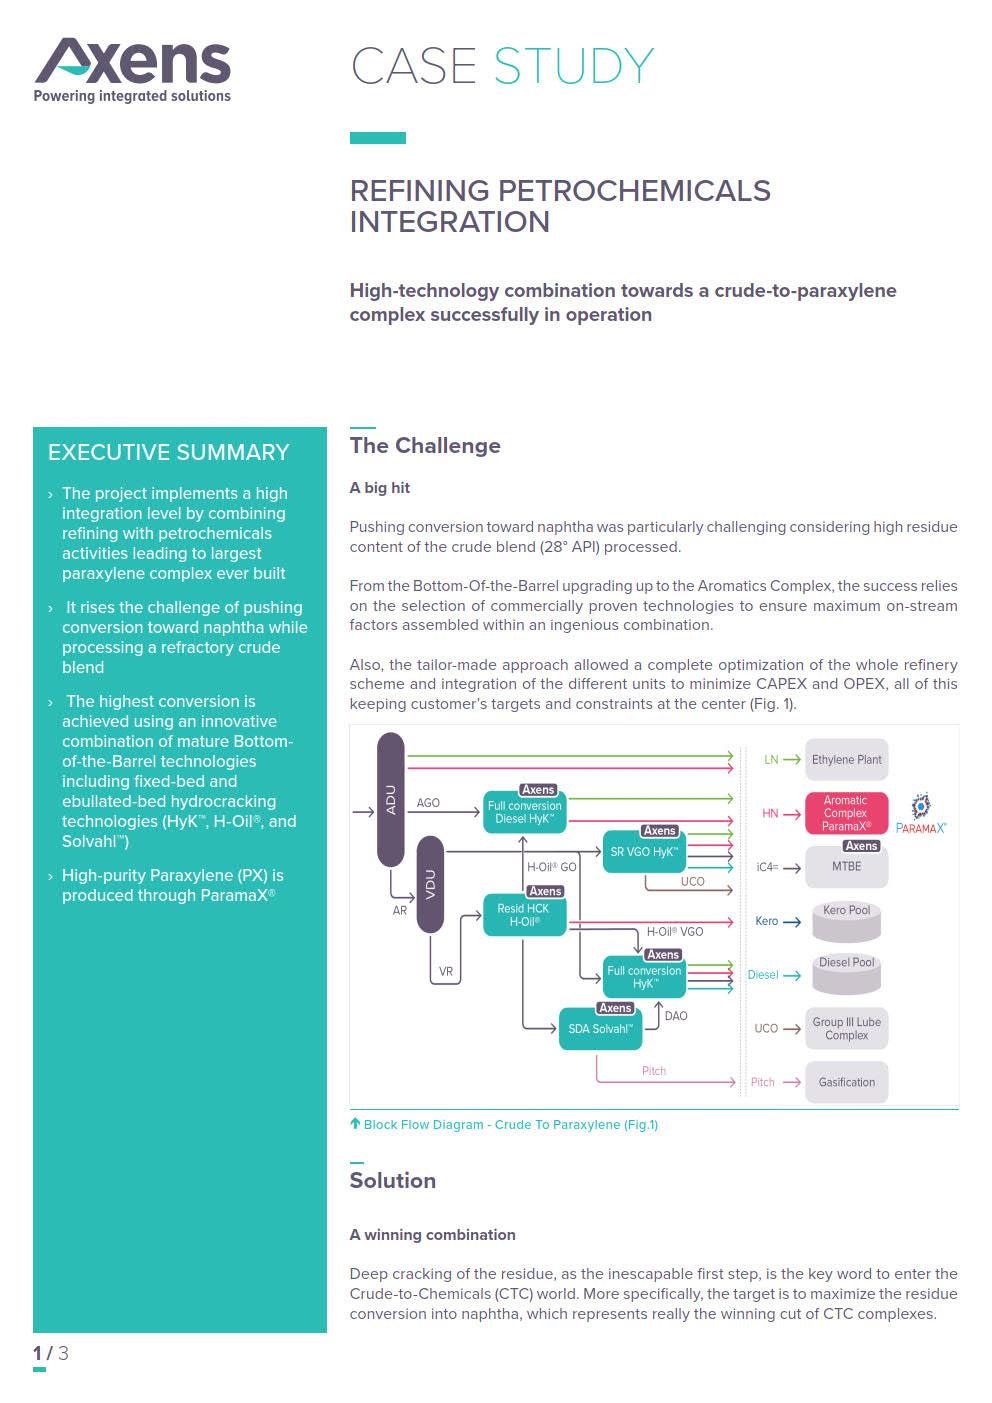 Thumb_CS_Refining petrochemicals integration_2021_EN